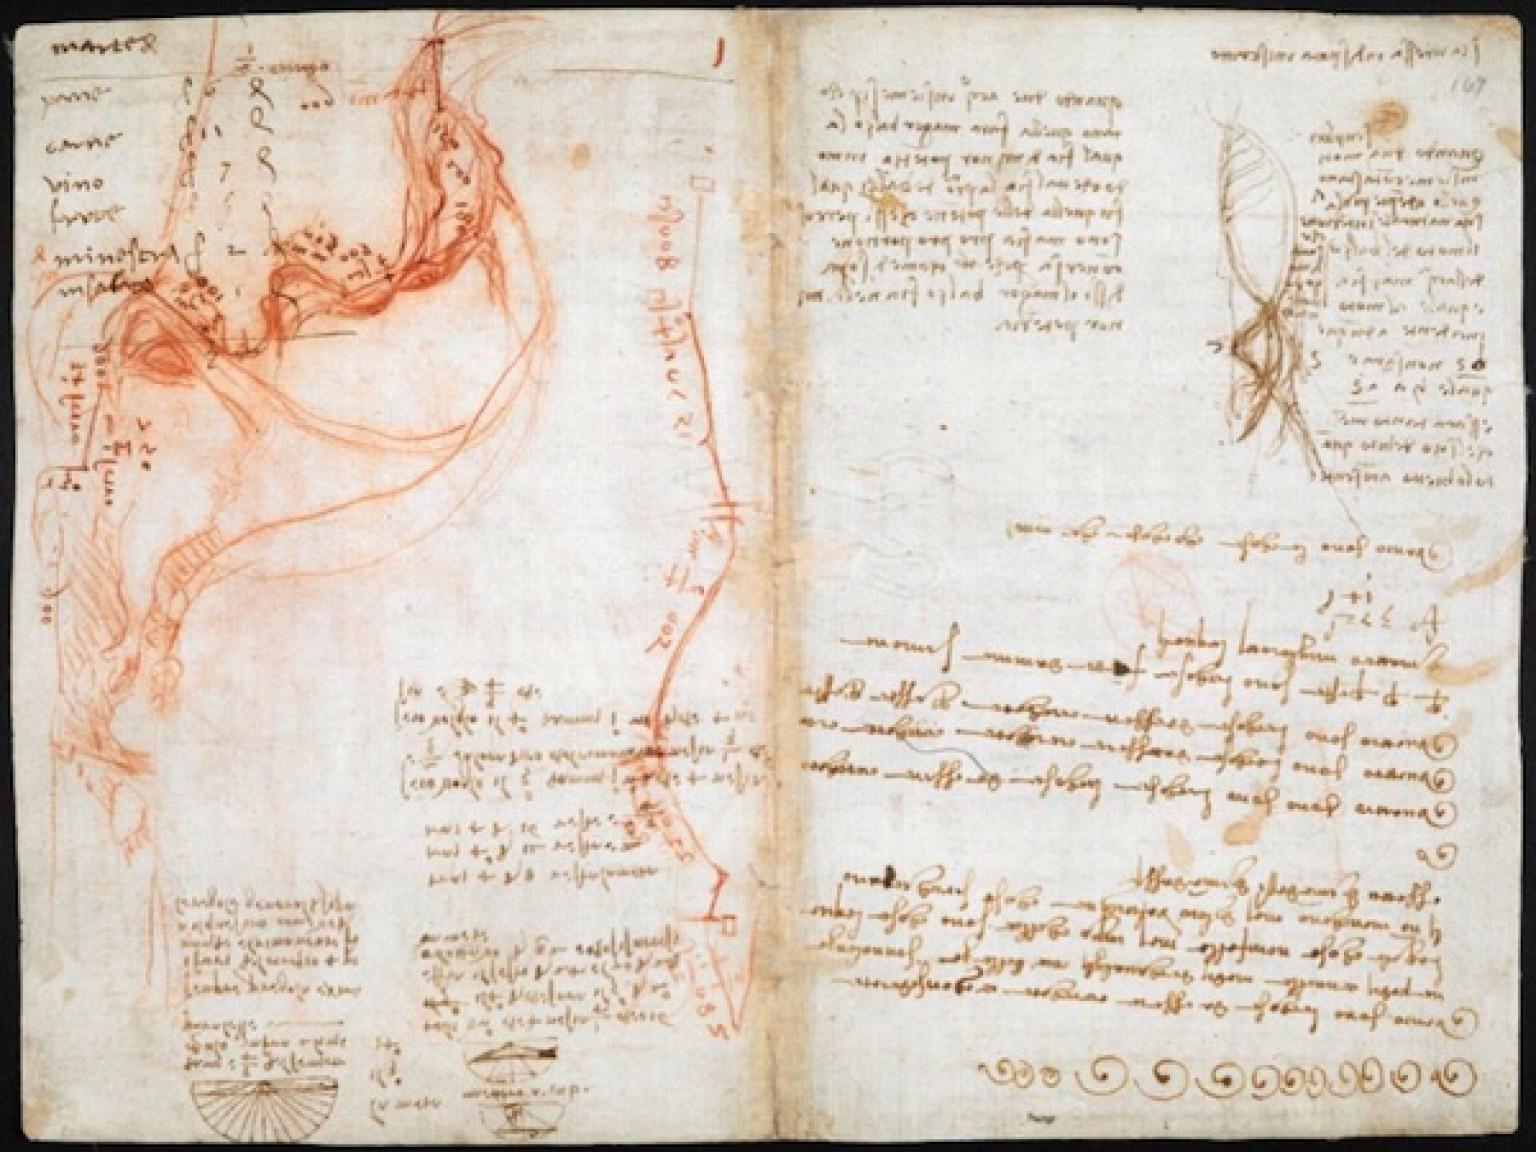 Leonardo da Vinci's Visionary Notebooks Now Online: Browse 570 Digitized Pages Artes & contextos o DAVINCIDIARIES facebook